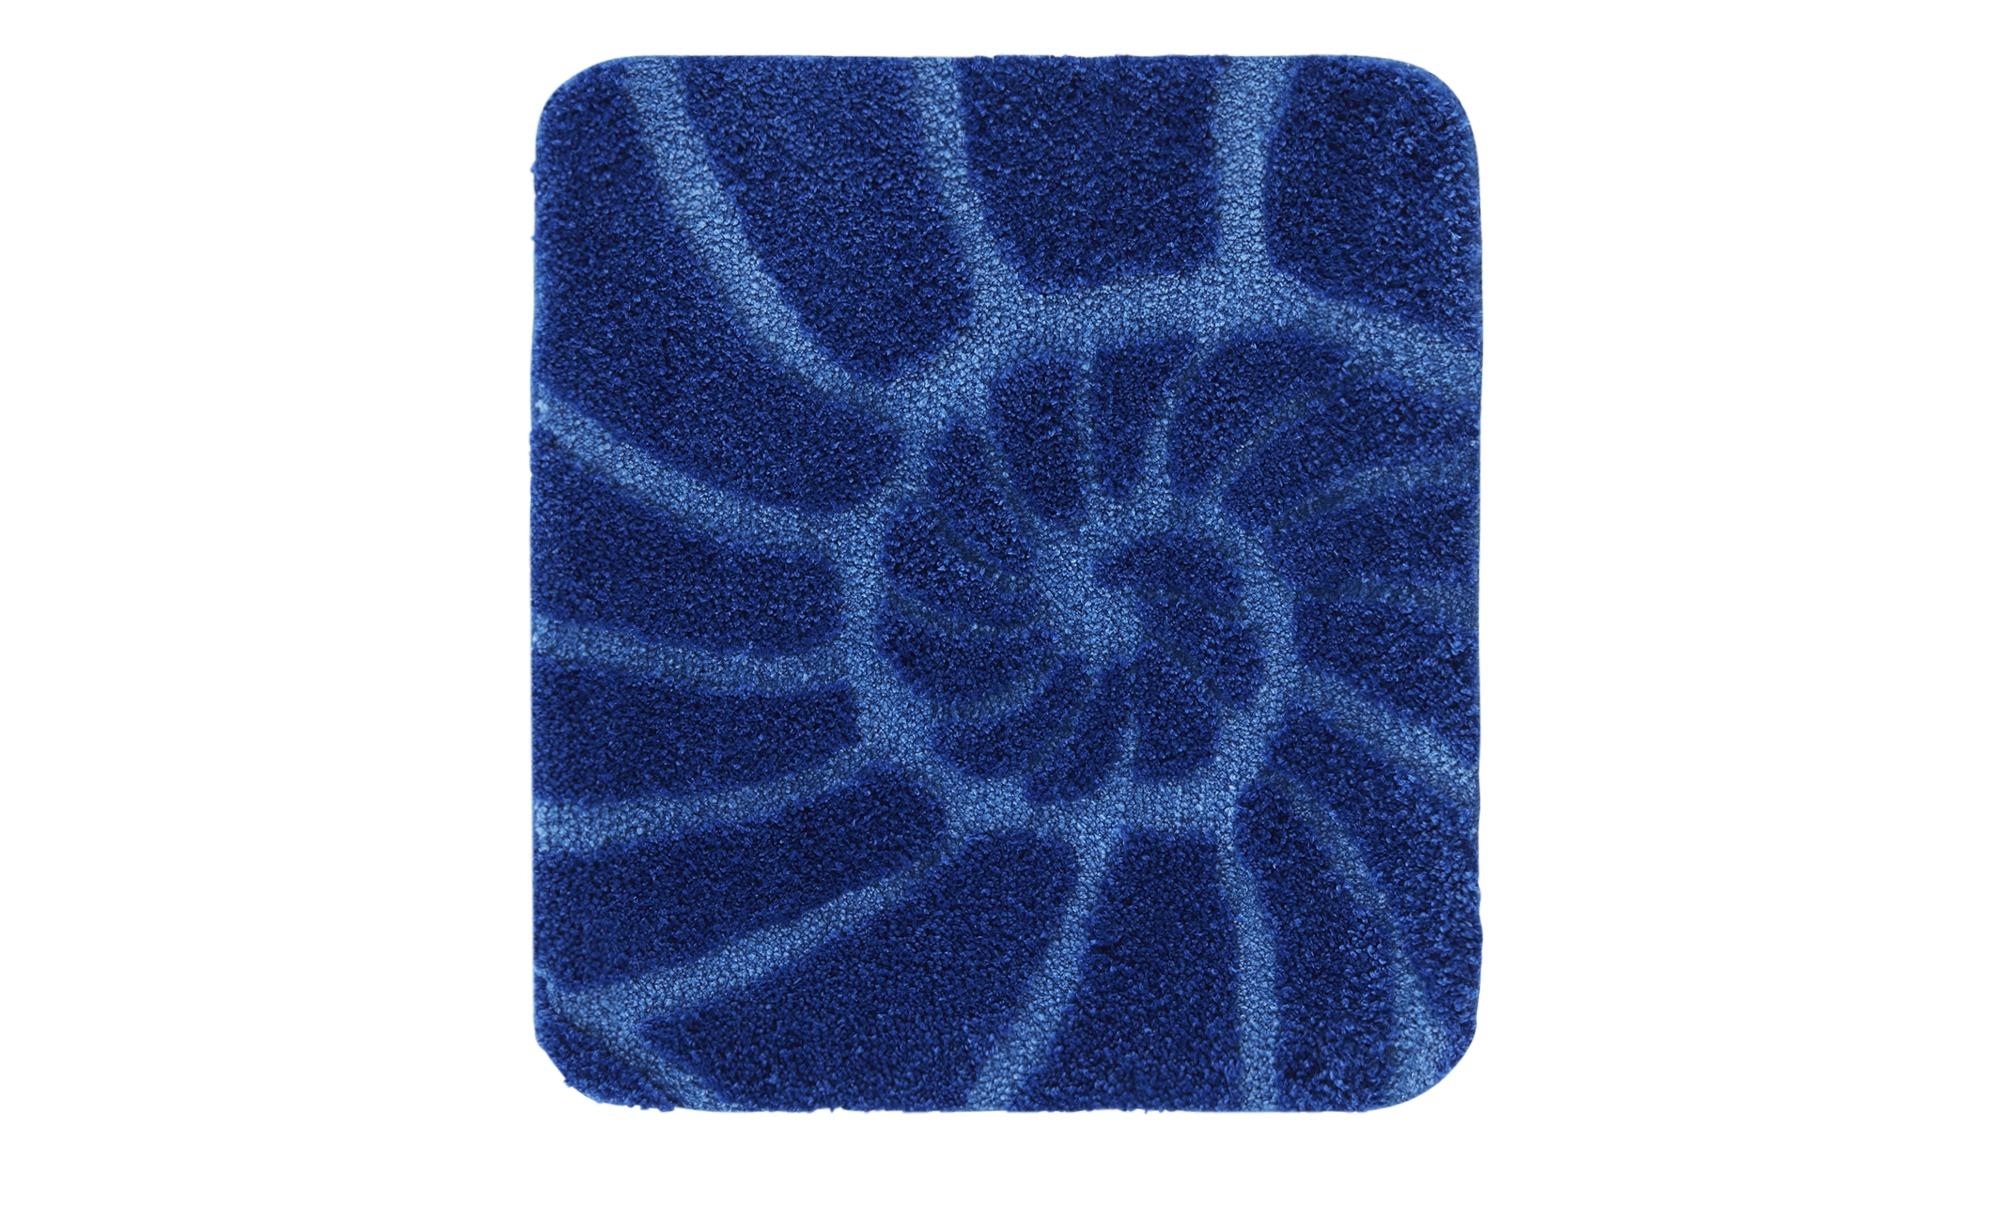 Kleine Wolke Badteppich  Muschel - blau - 100% Polyester - 50 cm - 18 - 12 - Heimtextilien > Badtextilien und Zubehör > Badematten & Badvorleger - Möbel Kraft | Bad > Badgarnituren > Läufer & Matten | Kleine Wolke